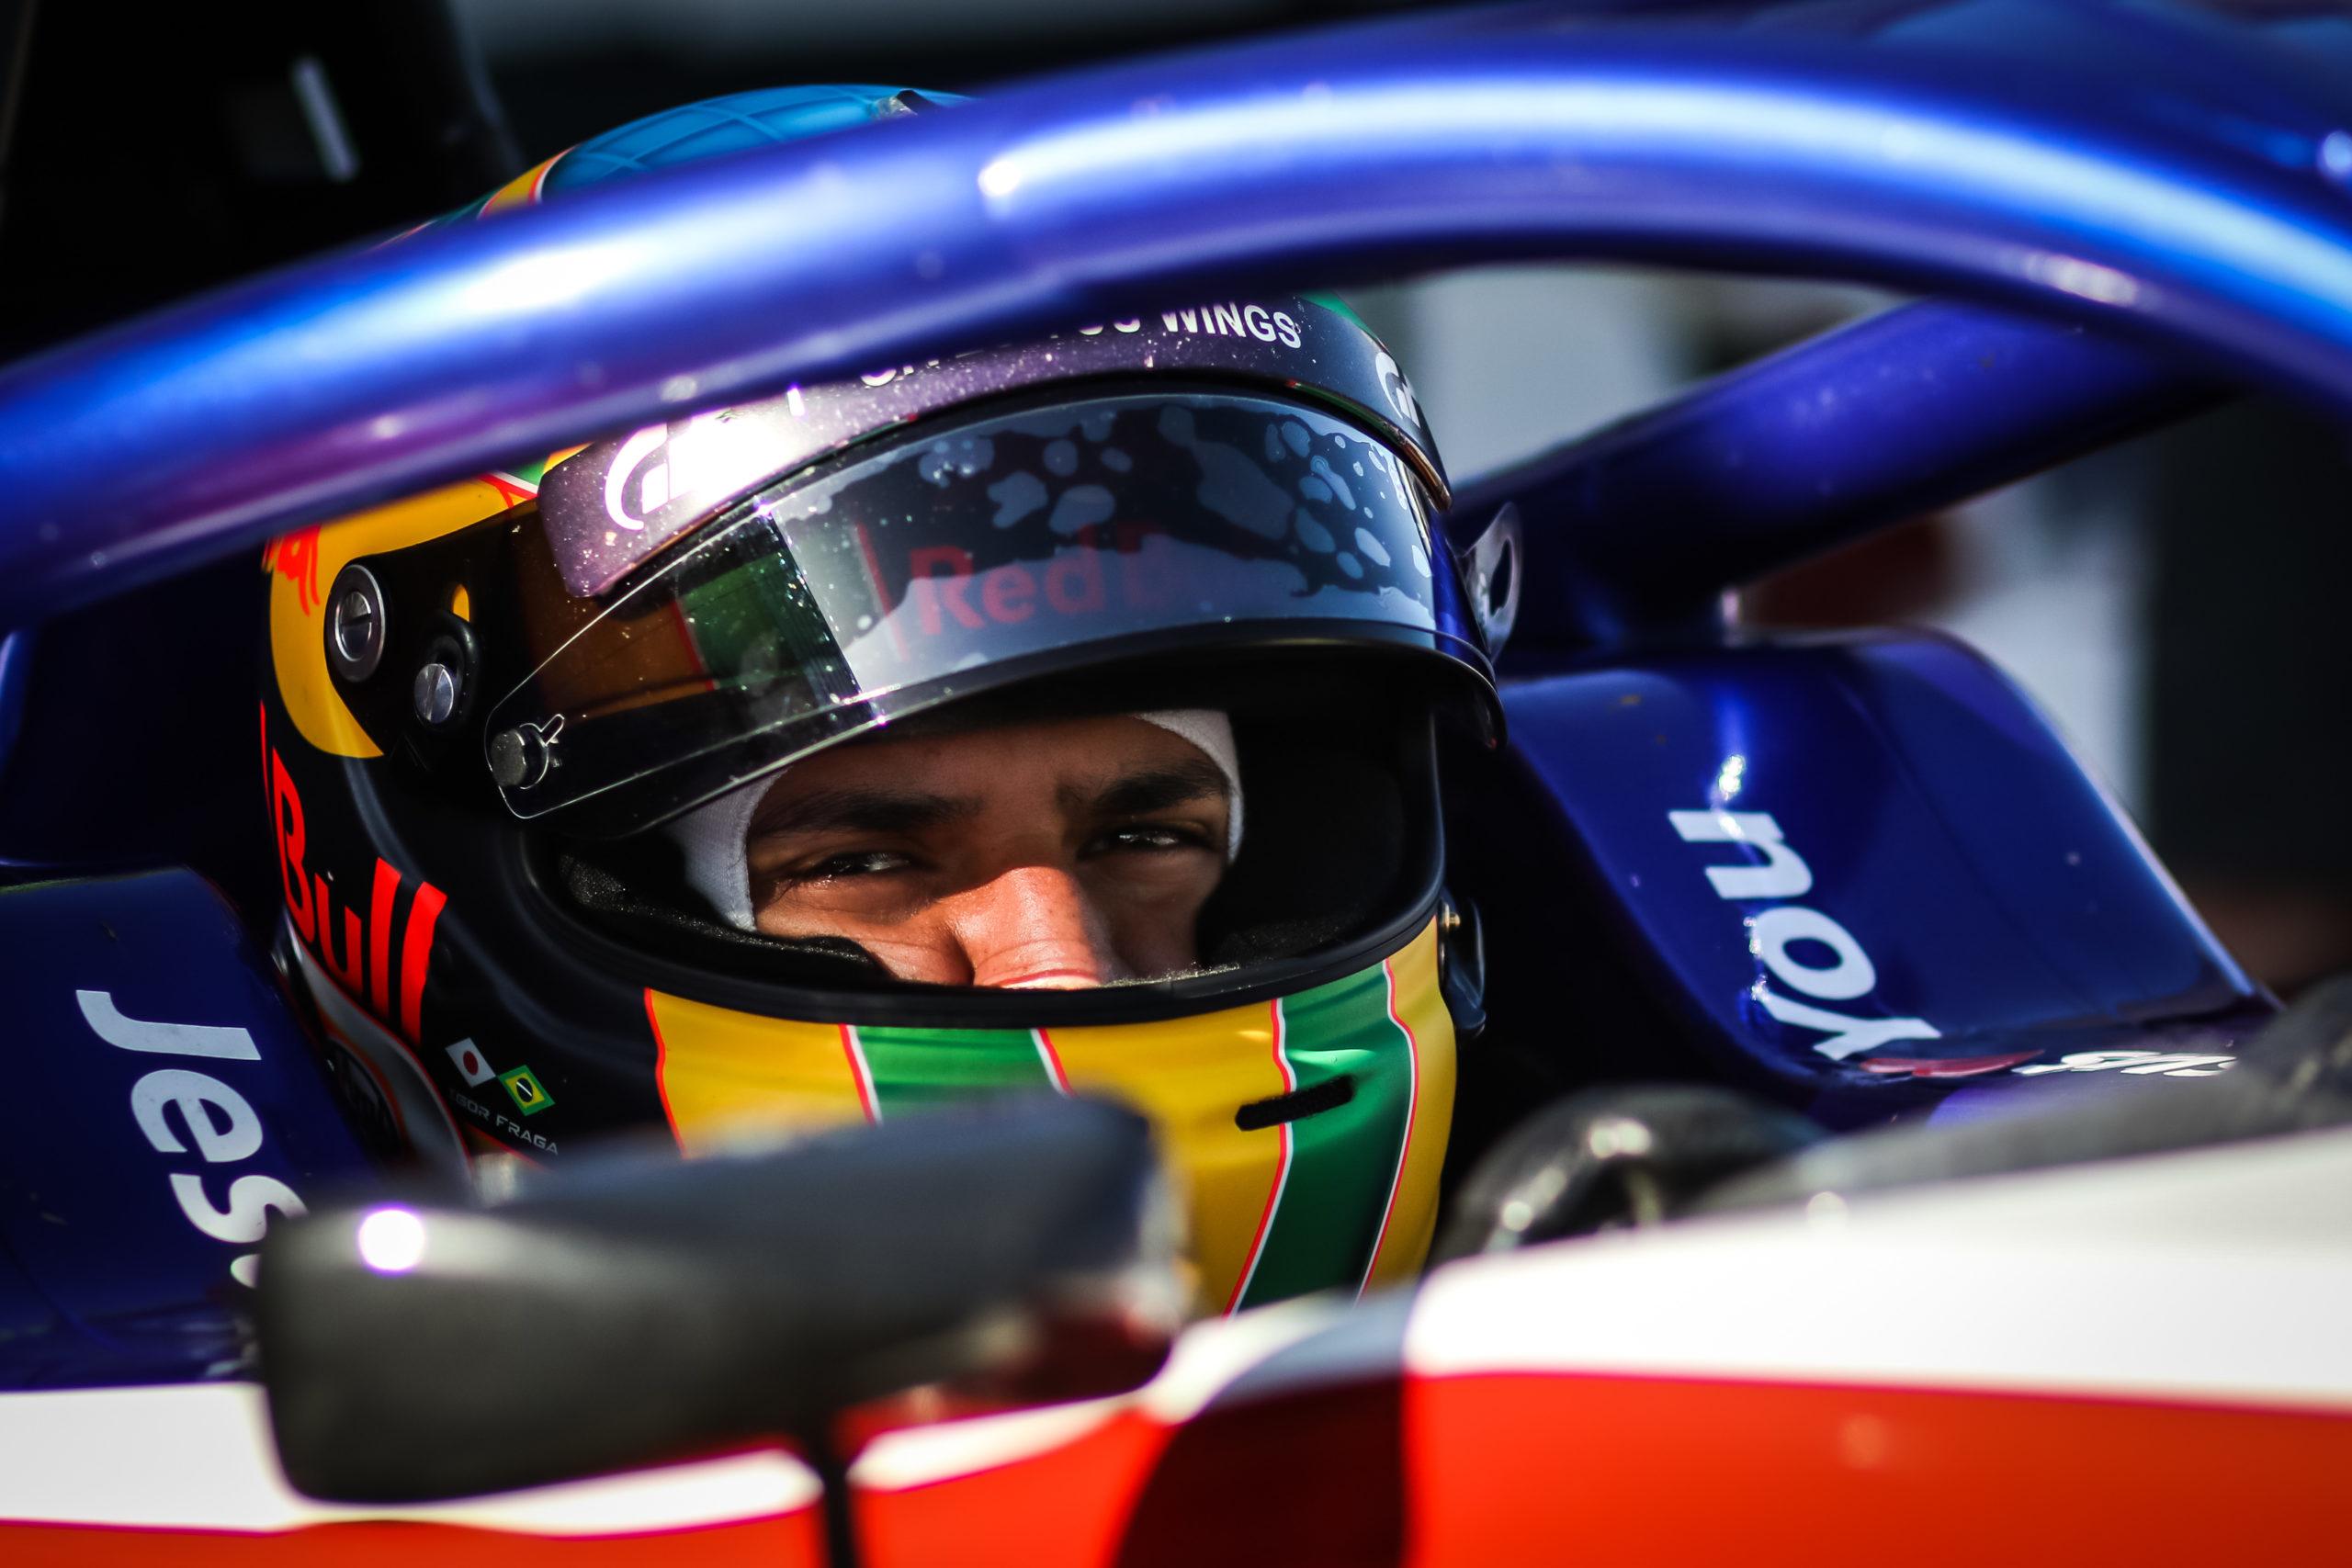 F3 na Silverstone: Fraga má první bod, zlepšení týmu je jasně viditelné